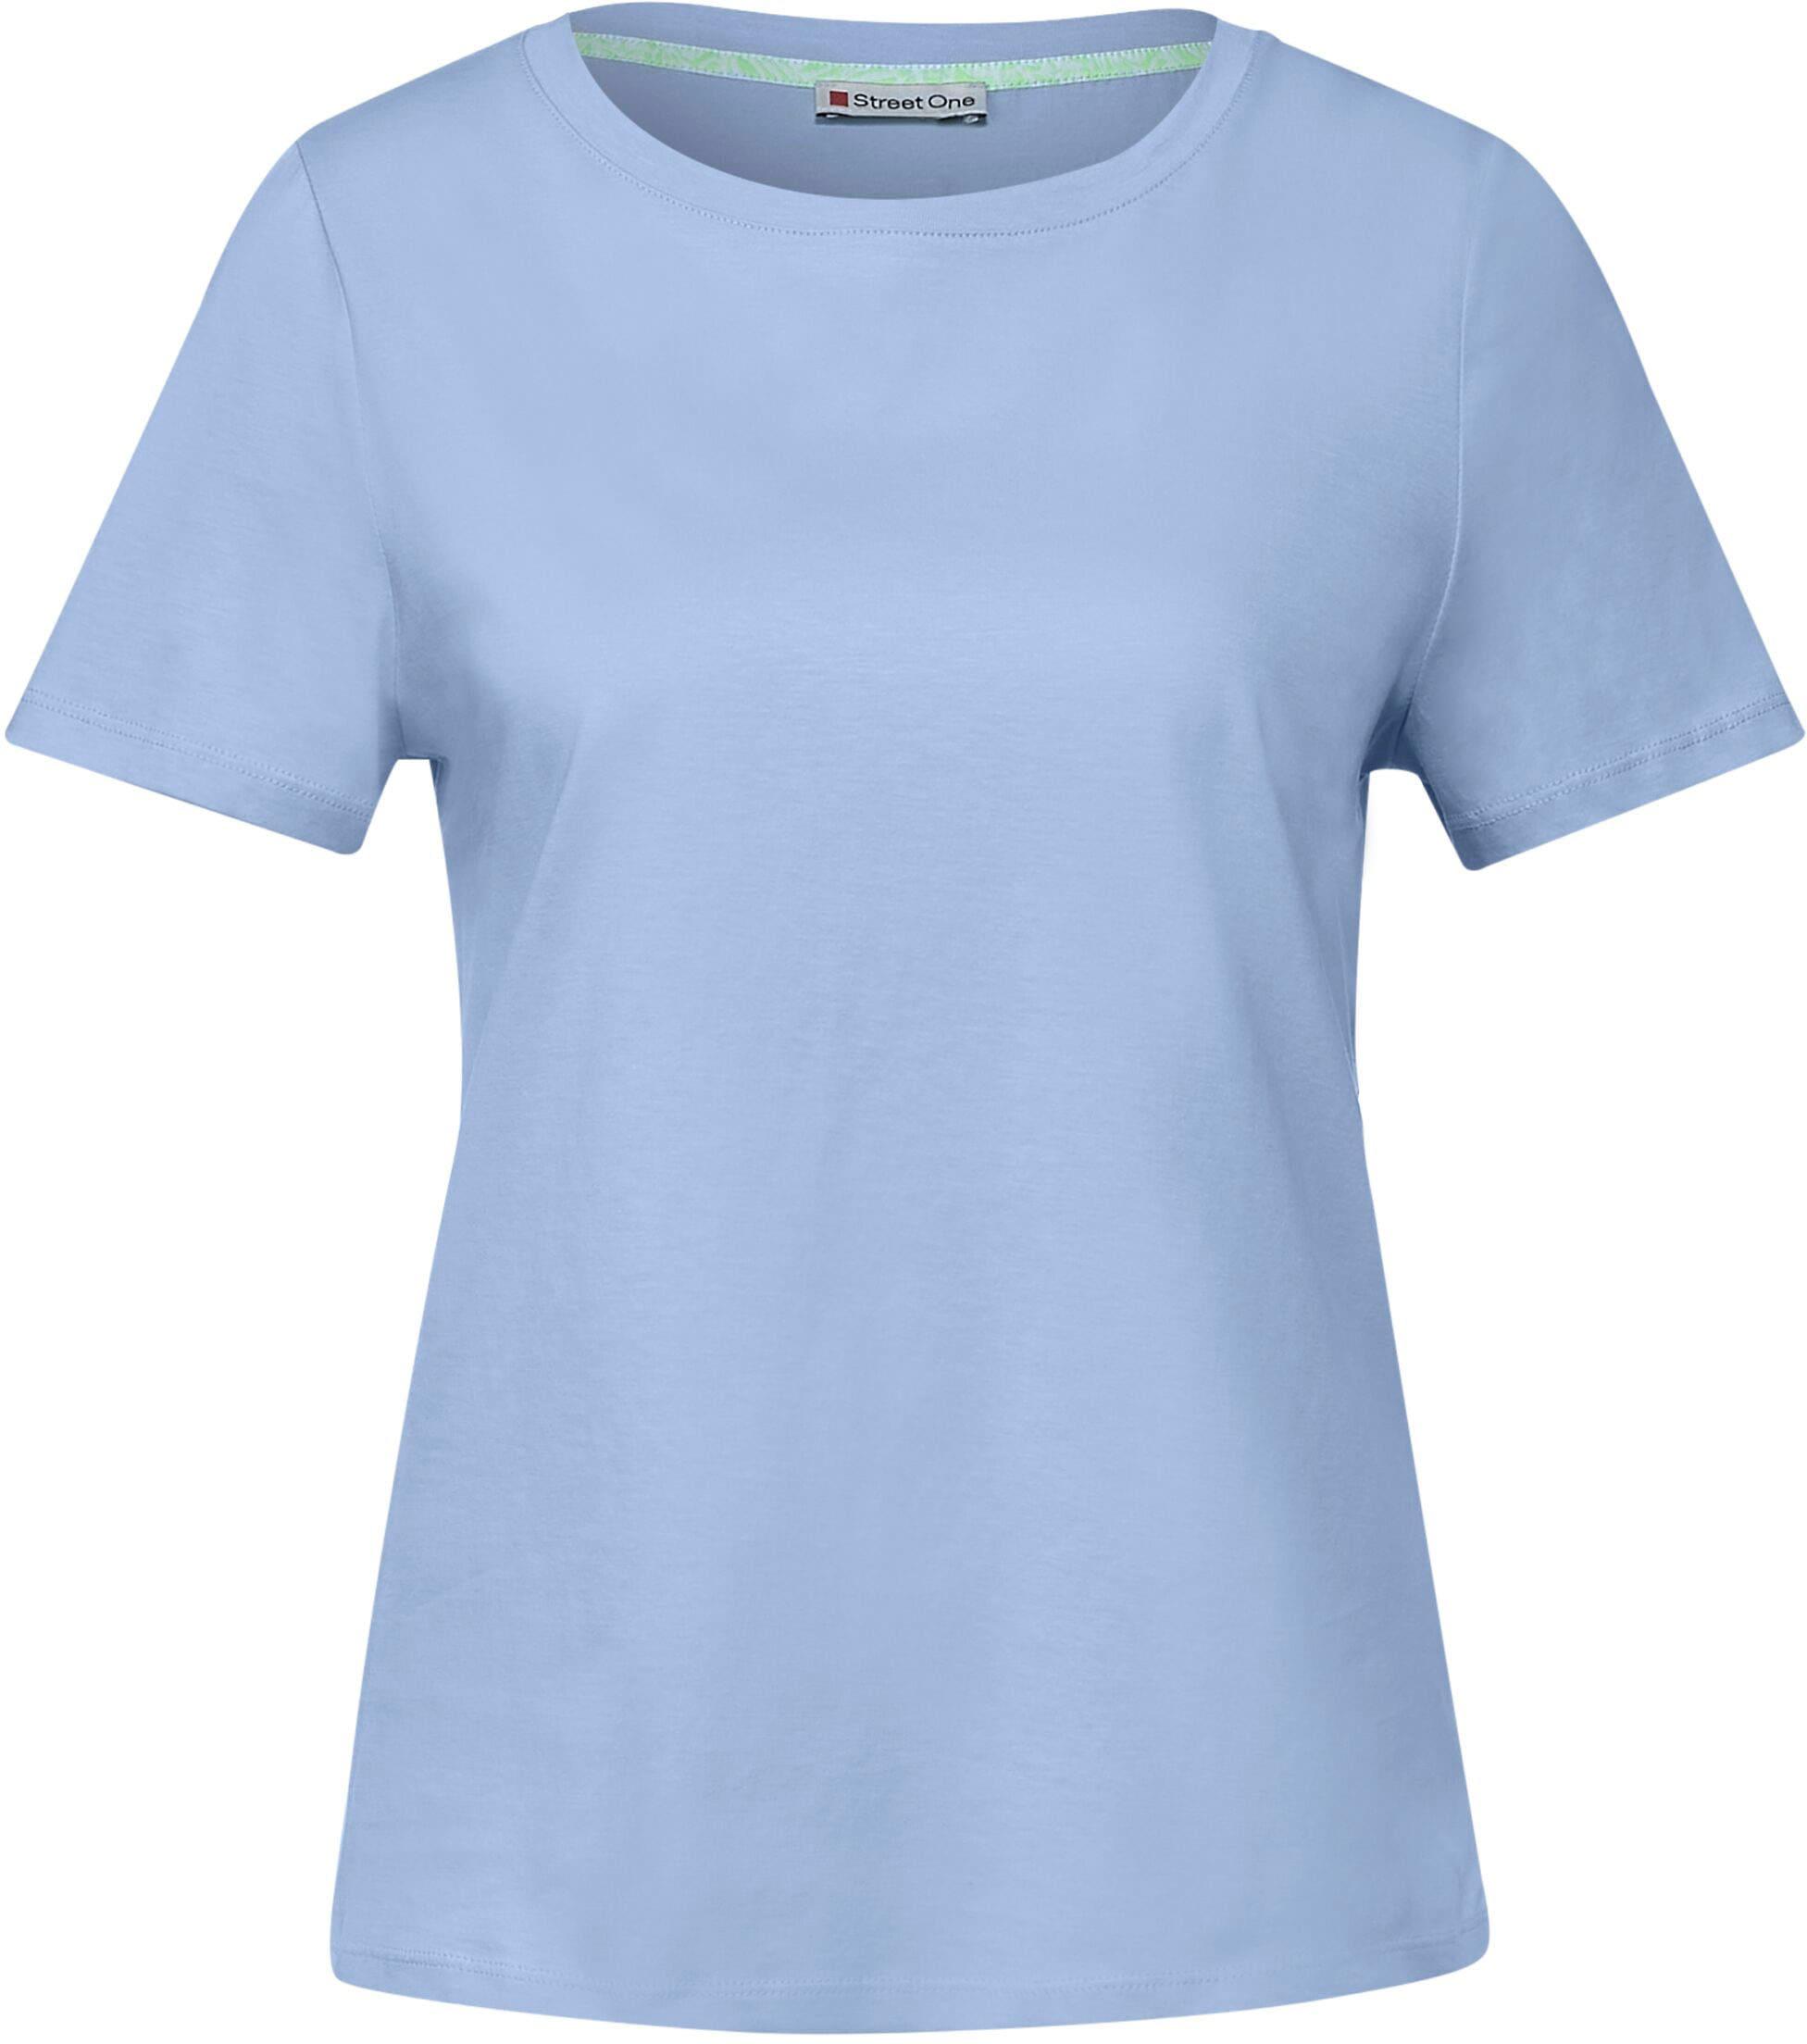 street one -  T-Shirt, im einfarbigen Basic-Look